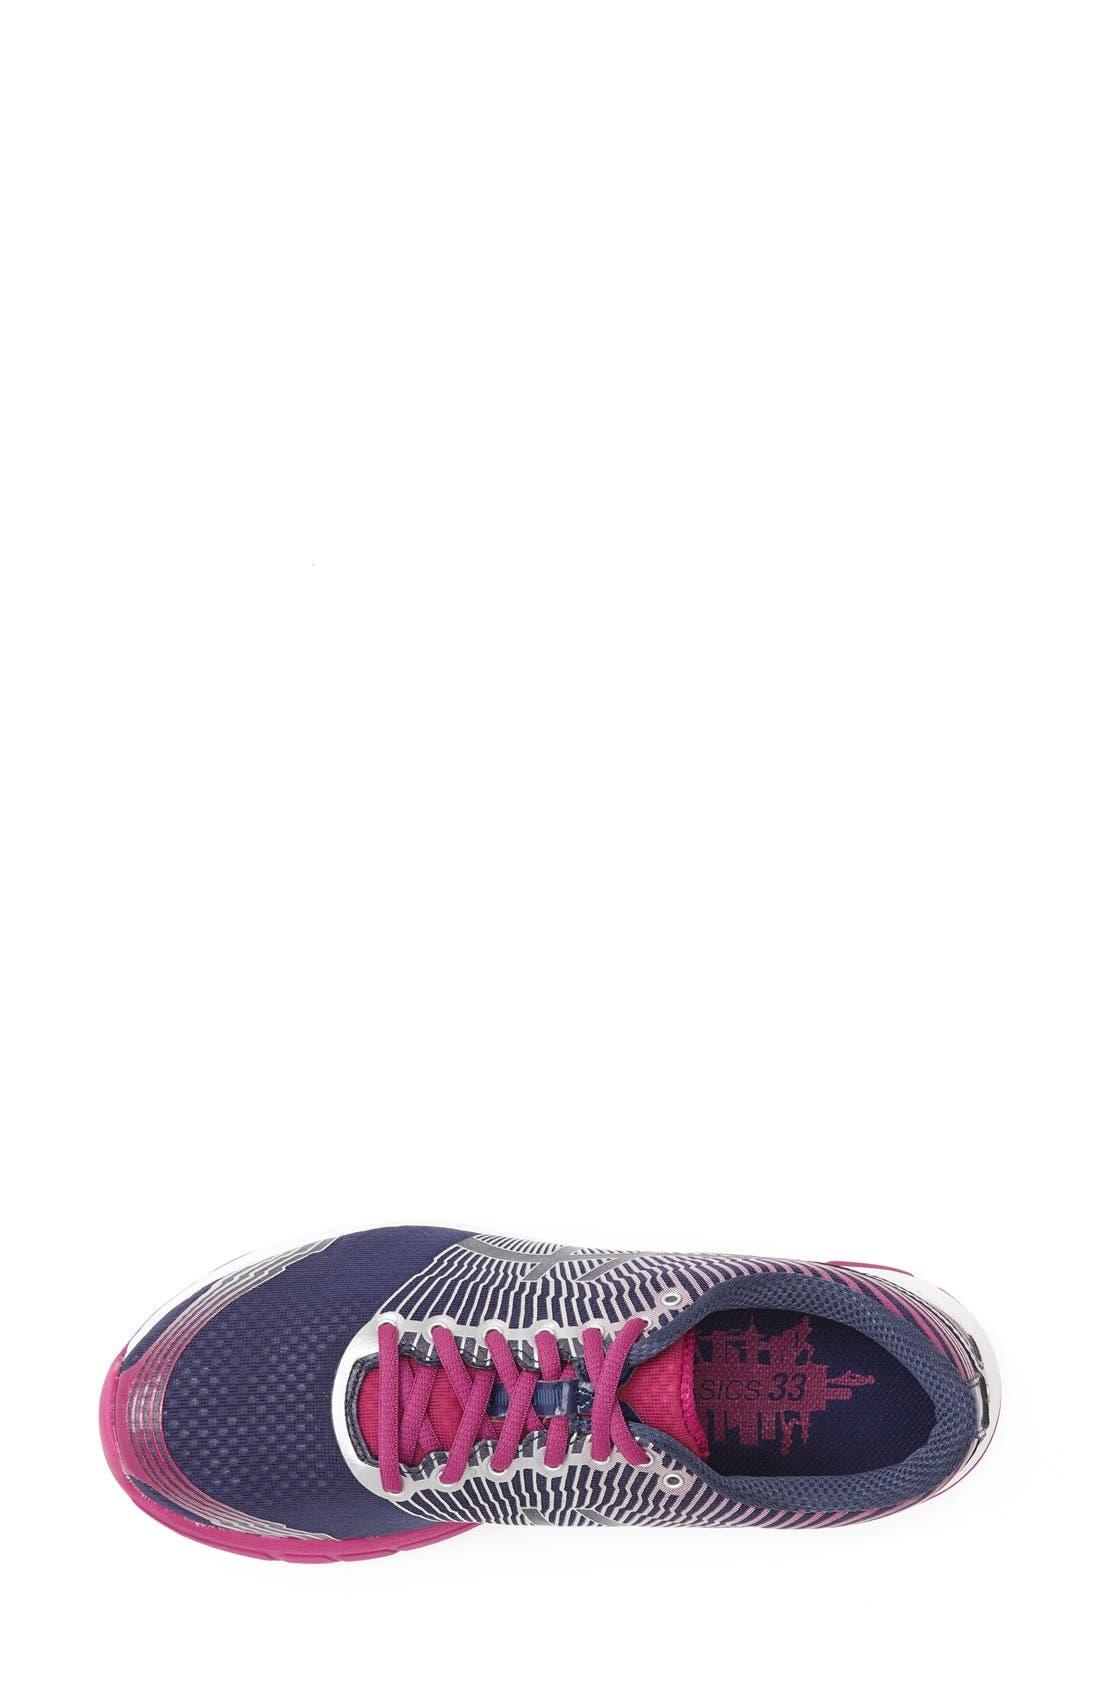 Alternate Image 3  - ASICS® 'GEL-Lyte 33 3.0' Running Shoe (Women) (Regular Retail Price: $84.95)